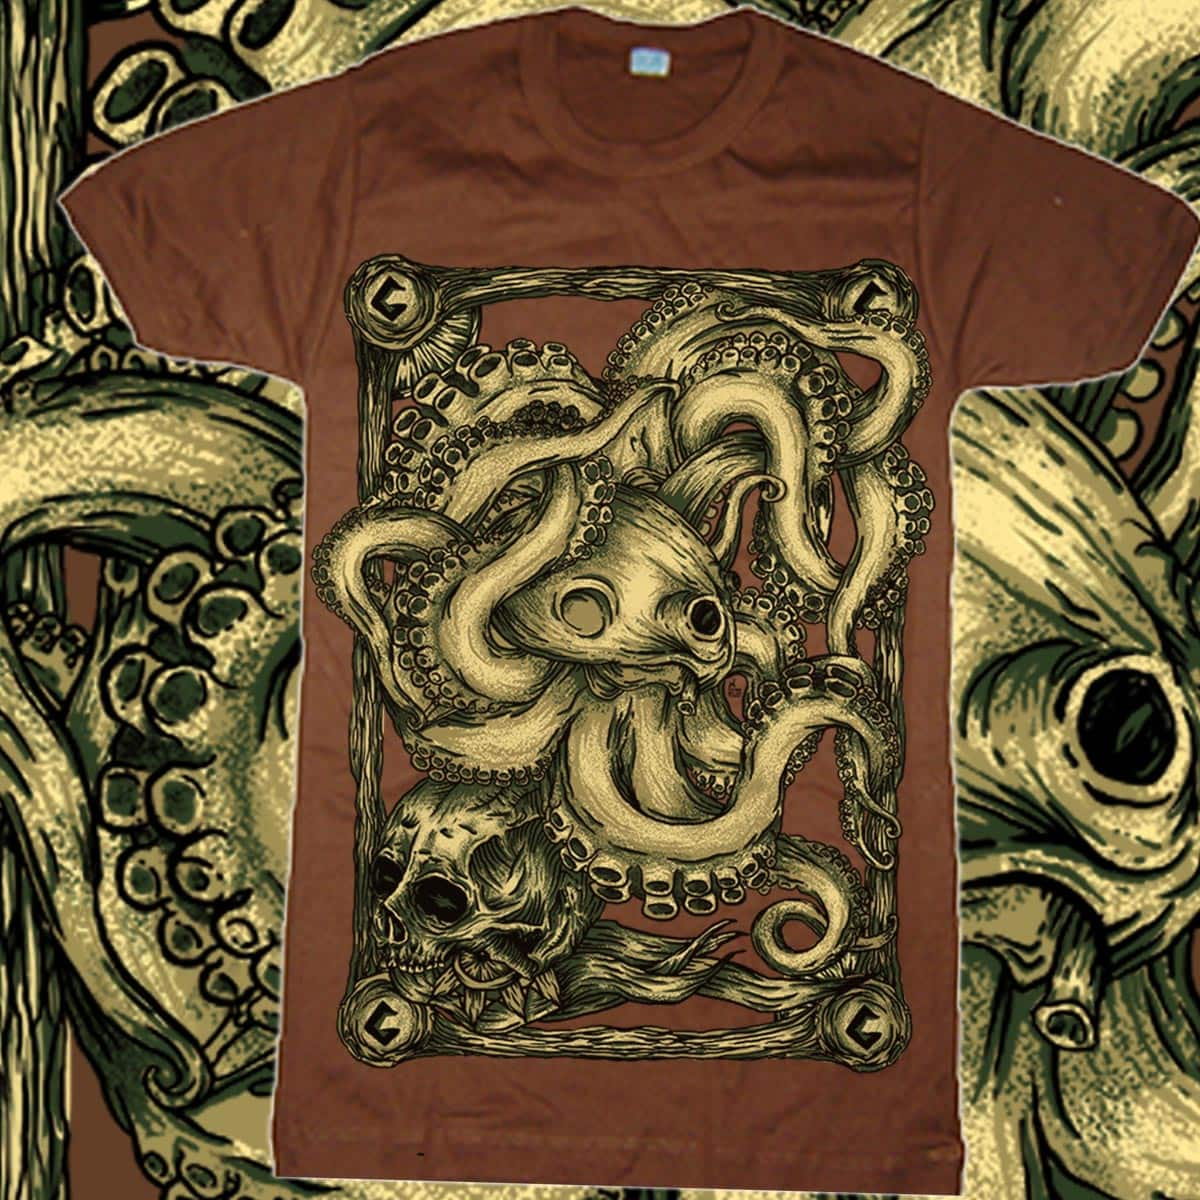 octopus by gupikus on Threadless